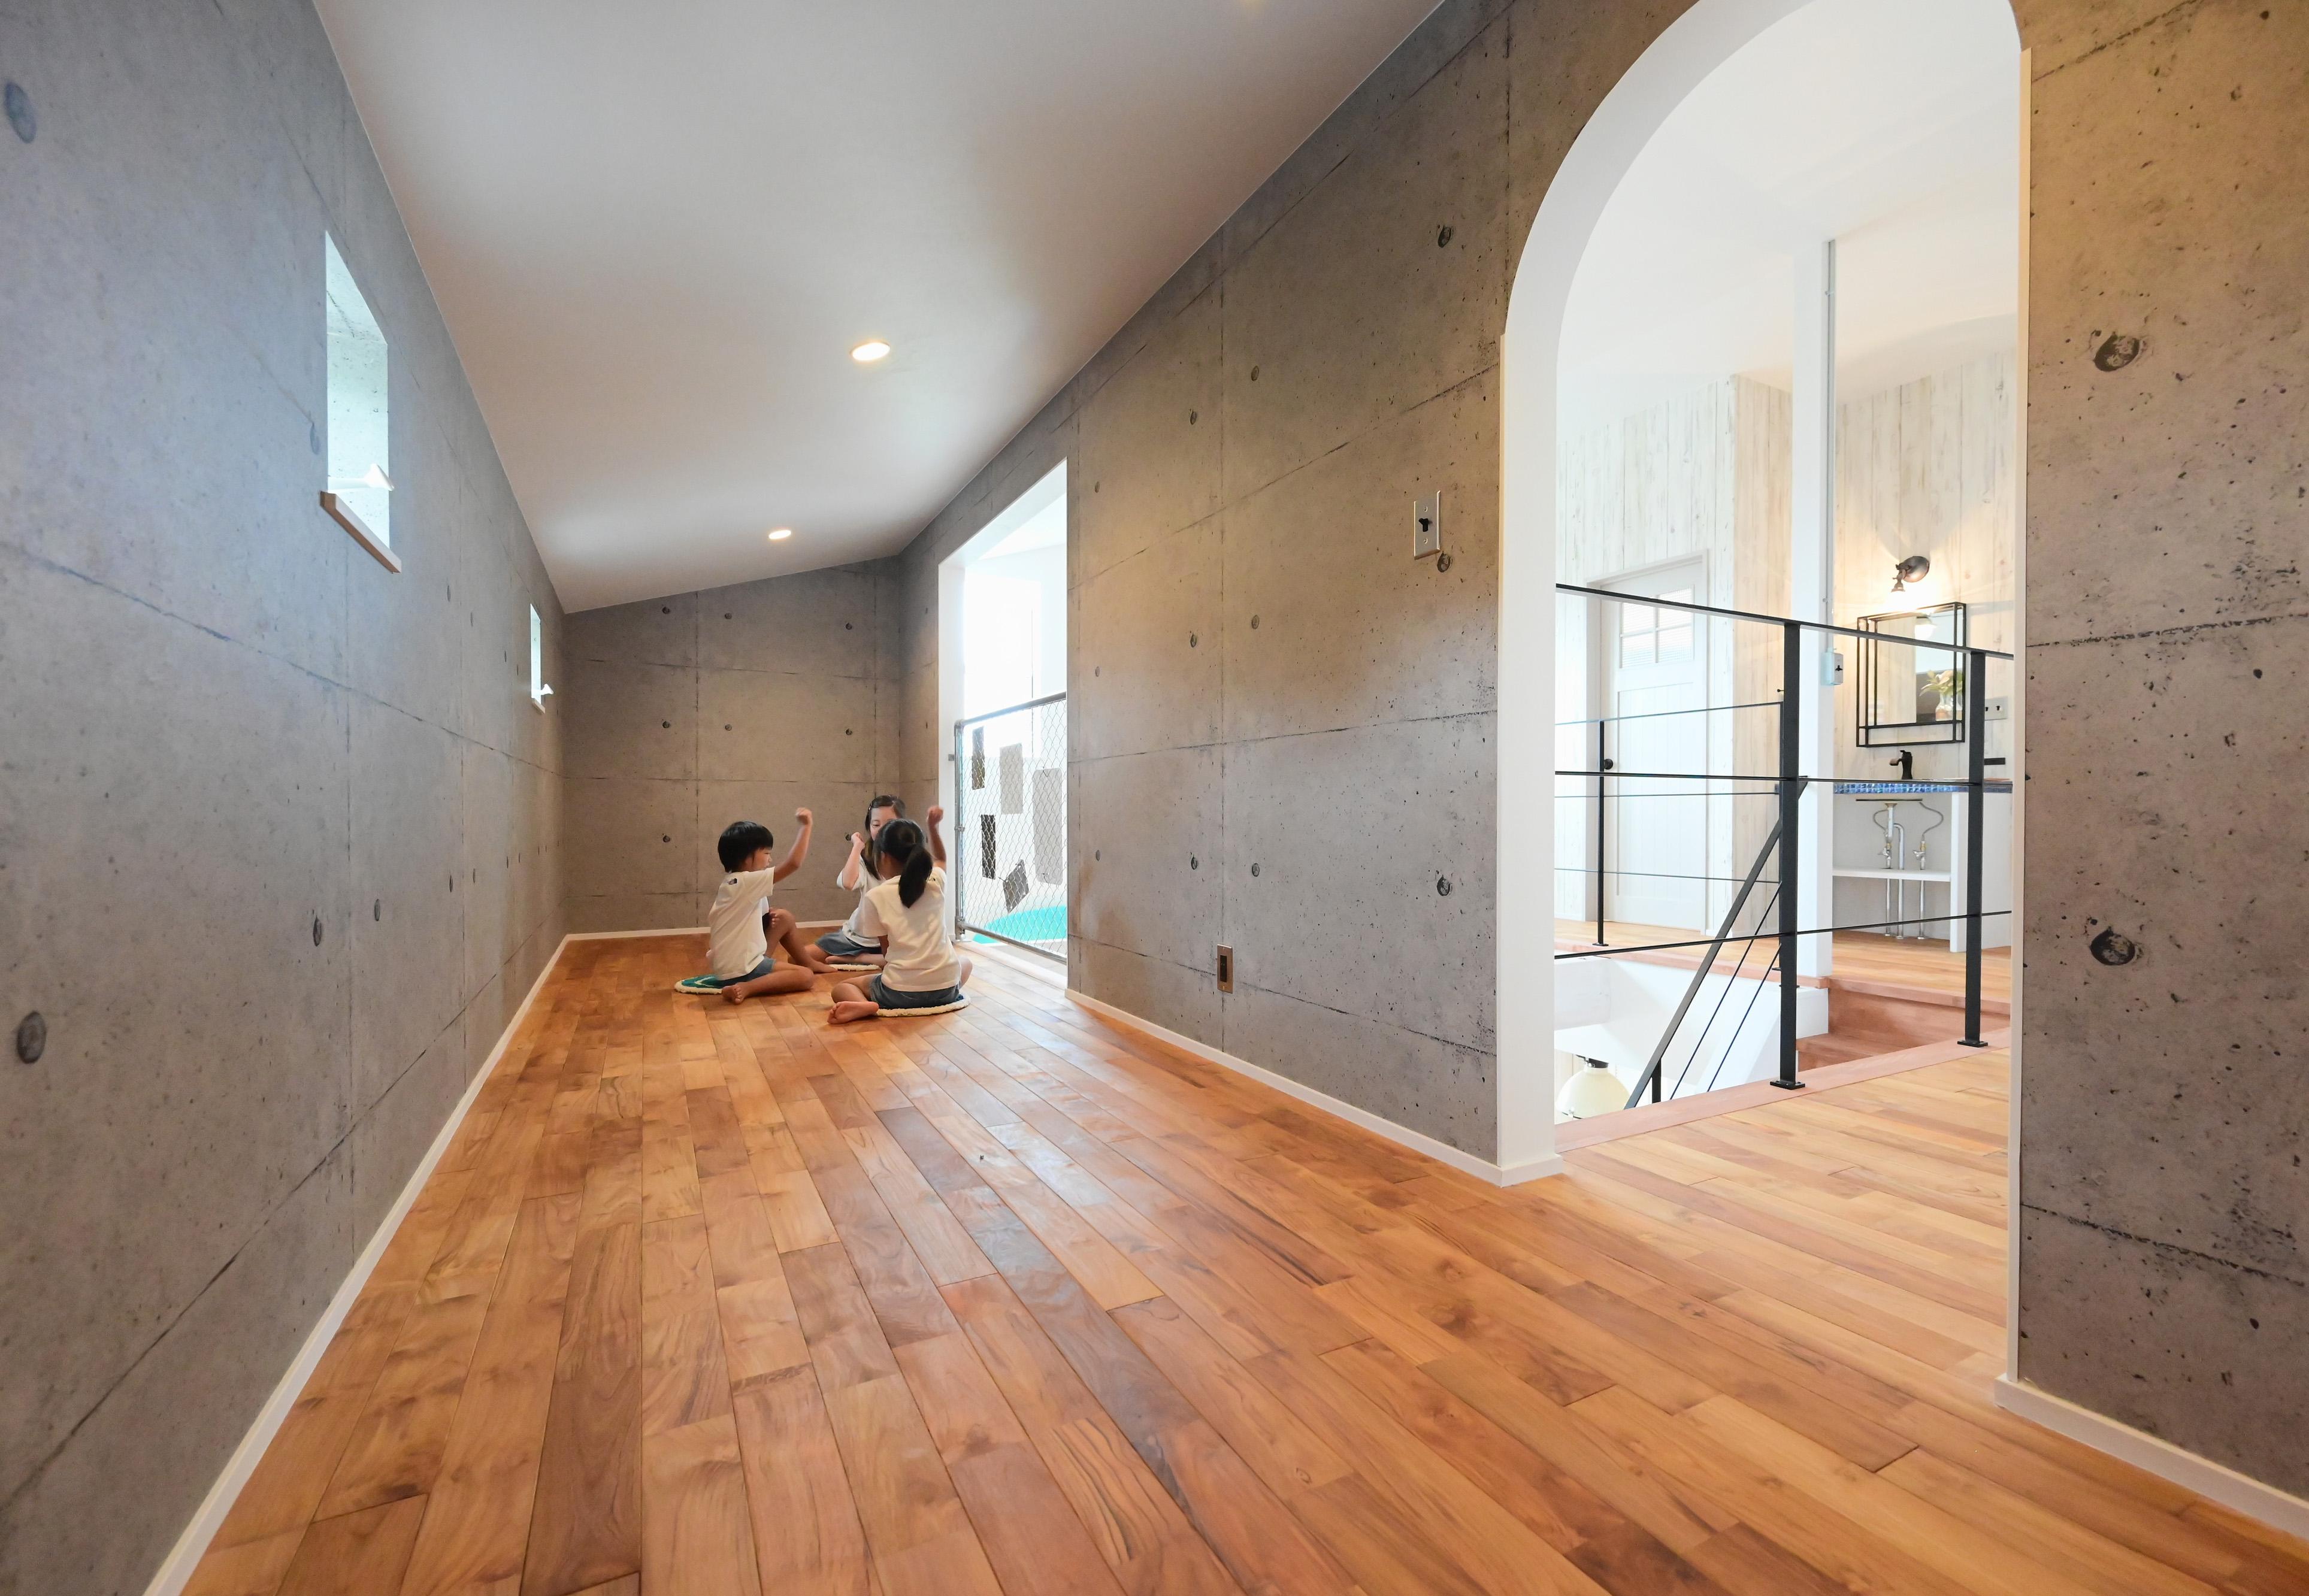 クローバーハウス 【輸入住宅、省エネ、インテリア】2階に設けたフリースペースは、RC調のクロスを設え、遊び心満載。三姉妹の遊び場としても収納庫としても機能する